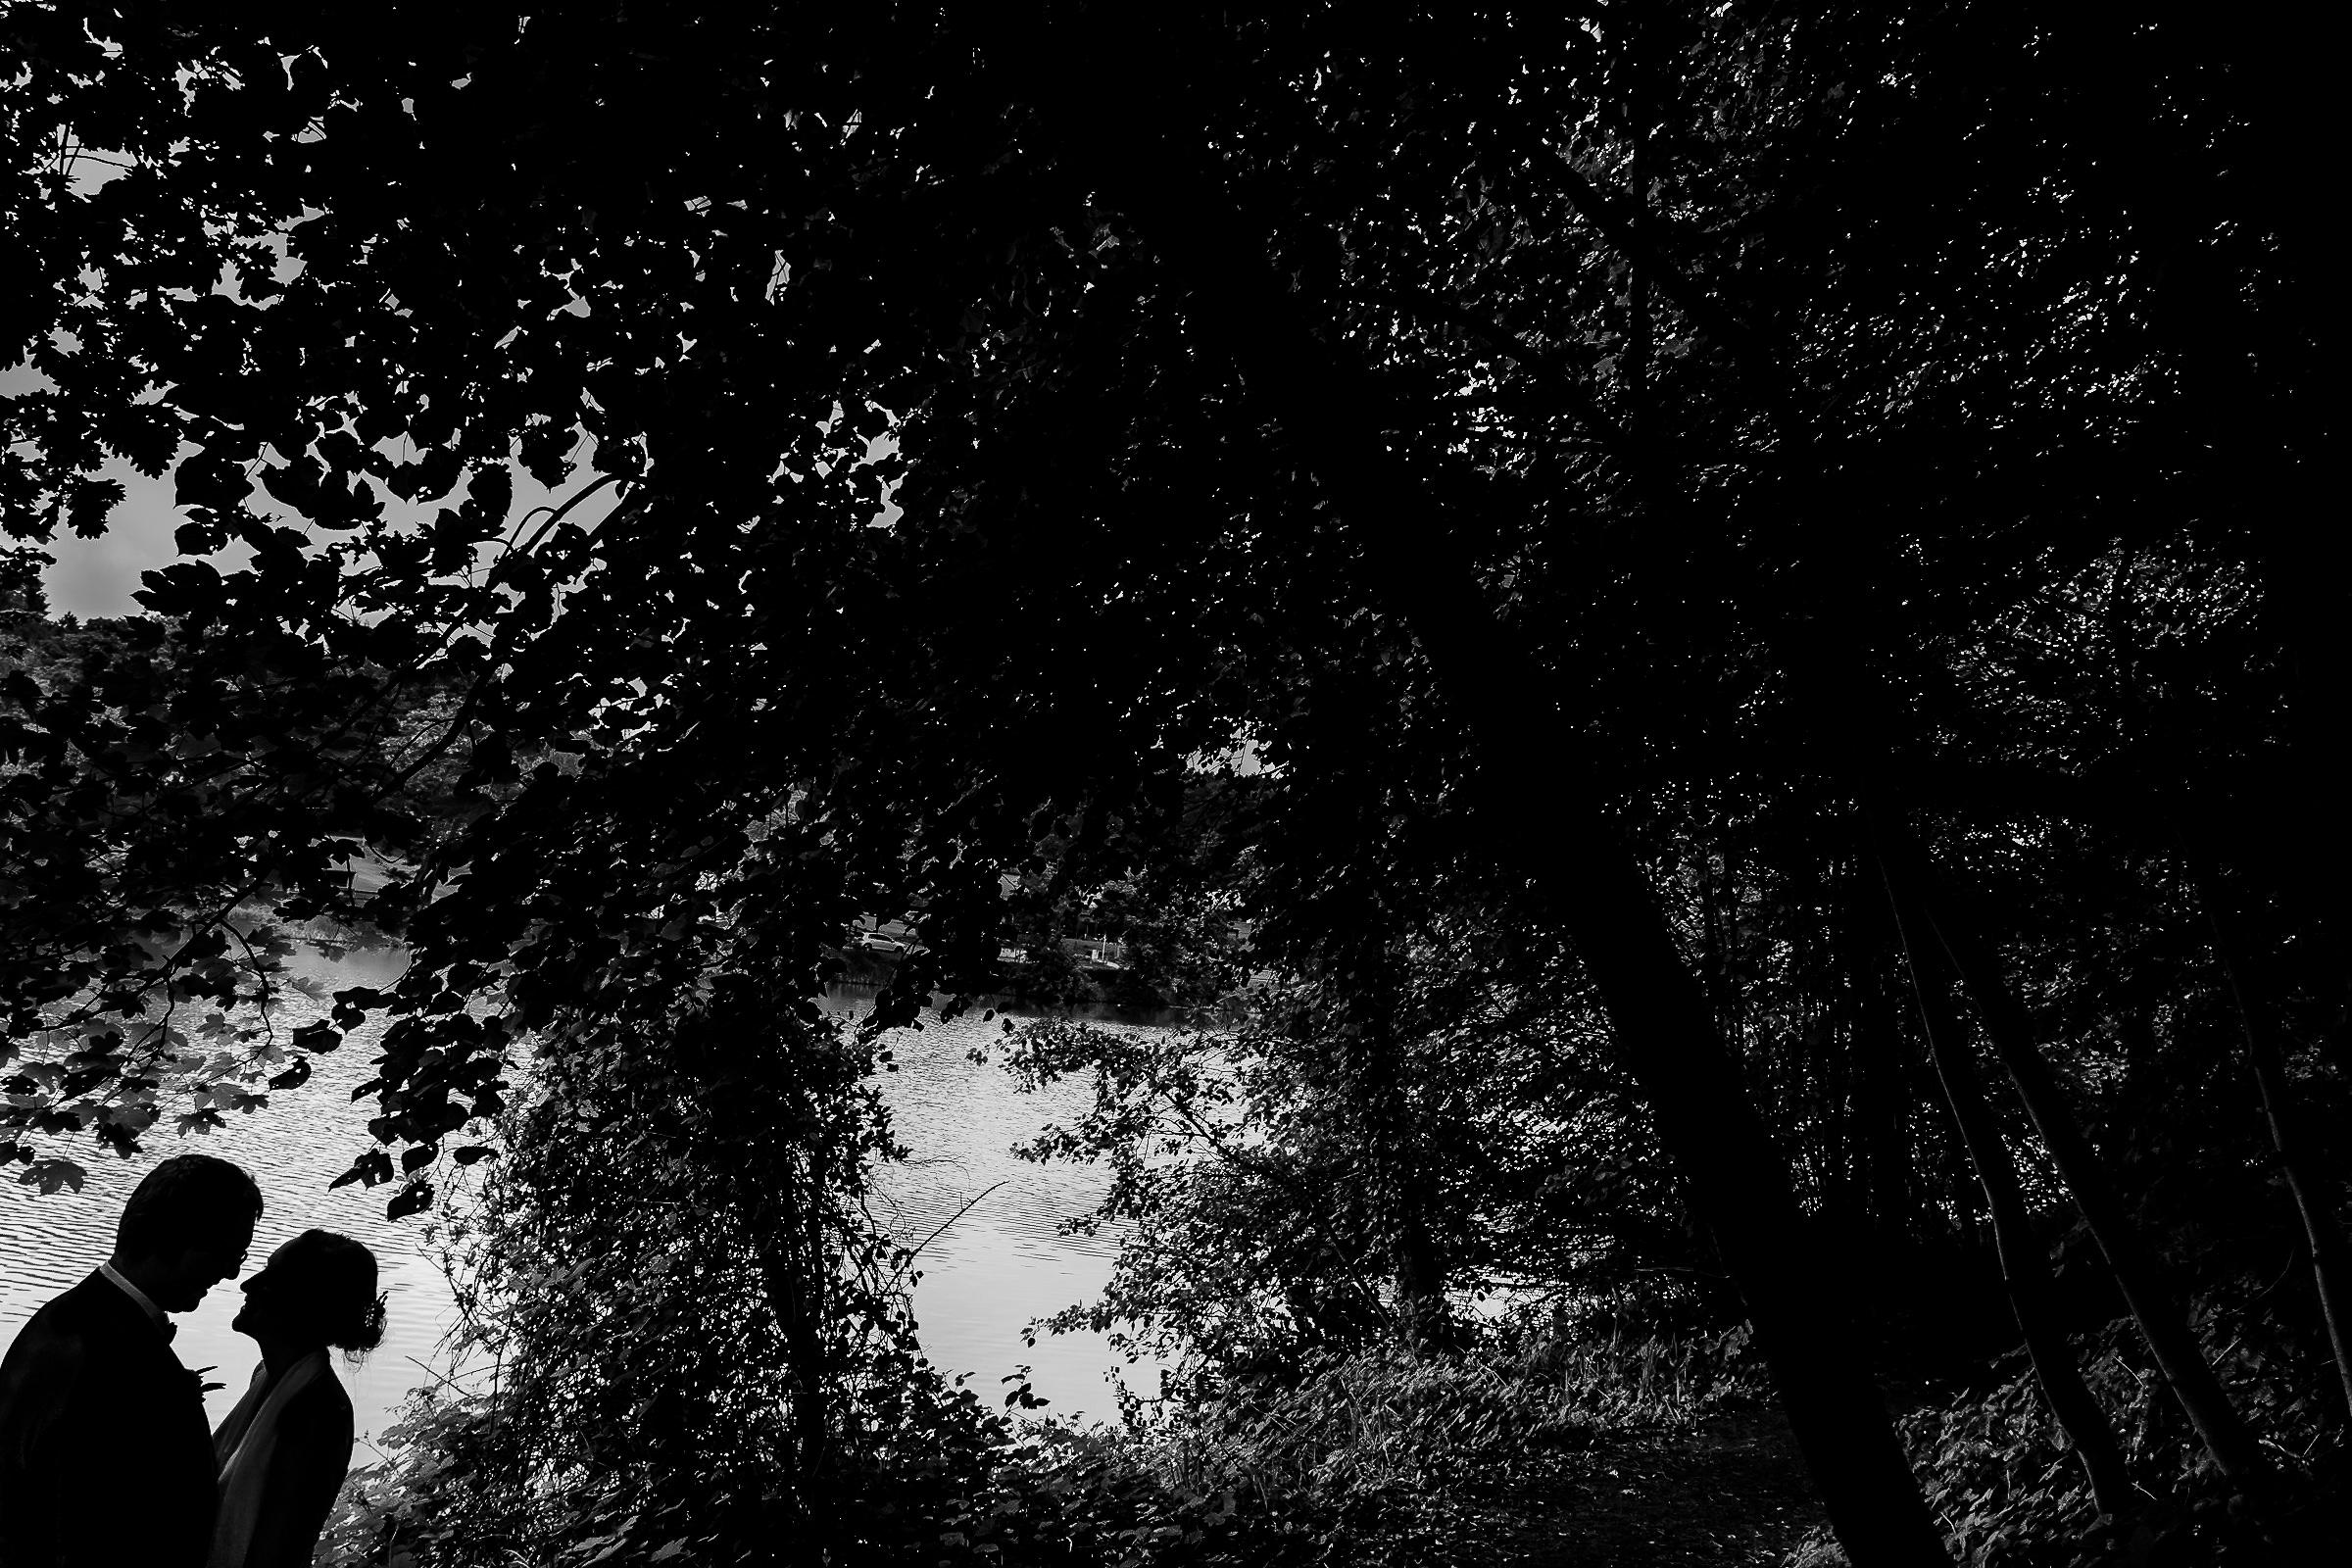 Huwelijksfotograaf Trouwfotograaf Destination Wedding Photographer Antwerpen Limburg Oost-Vlaanderen Vlaams-Brabant West-Vlaanderen Hasselt Leuven Brussel Mechelen Gent Knokke Maastricht Aalst Brugge Oostende Nieuwpoort Cyprus Frankrijk France Griekenland Greece Italië Italy Kroatië Croatia Oostenrijk Austria Portugal Spanje Spain Zwitserland Switzerland